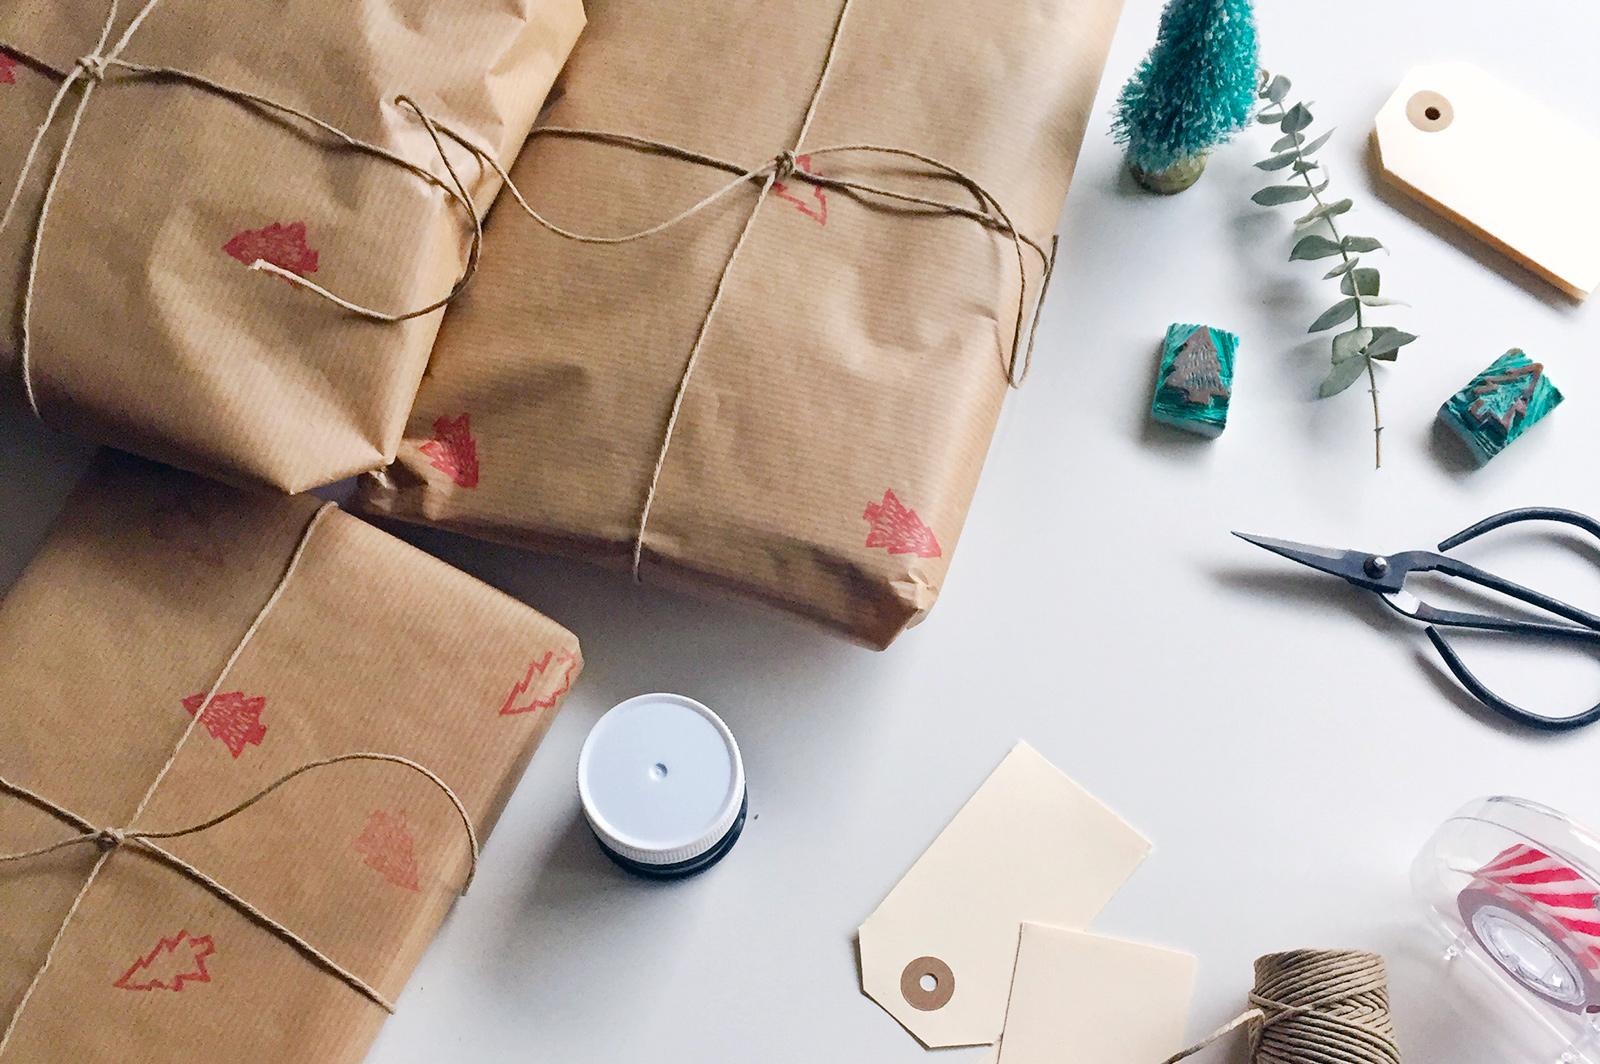 envolver regalos de forma sostenible